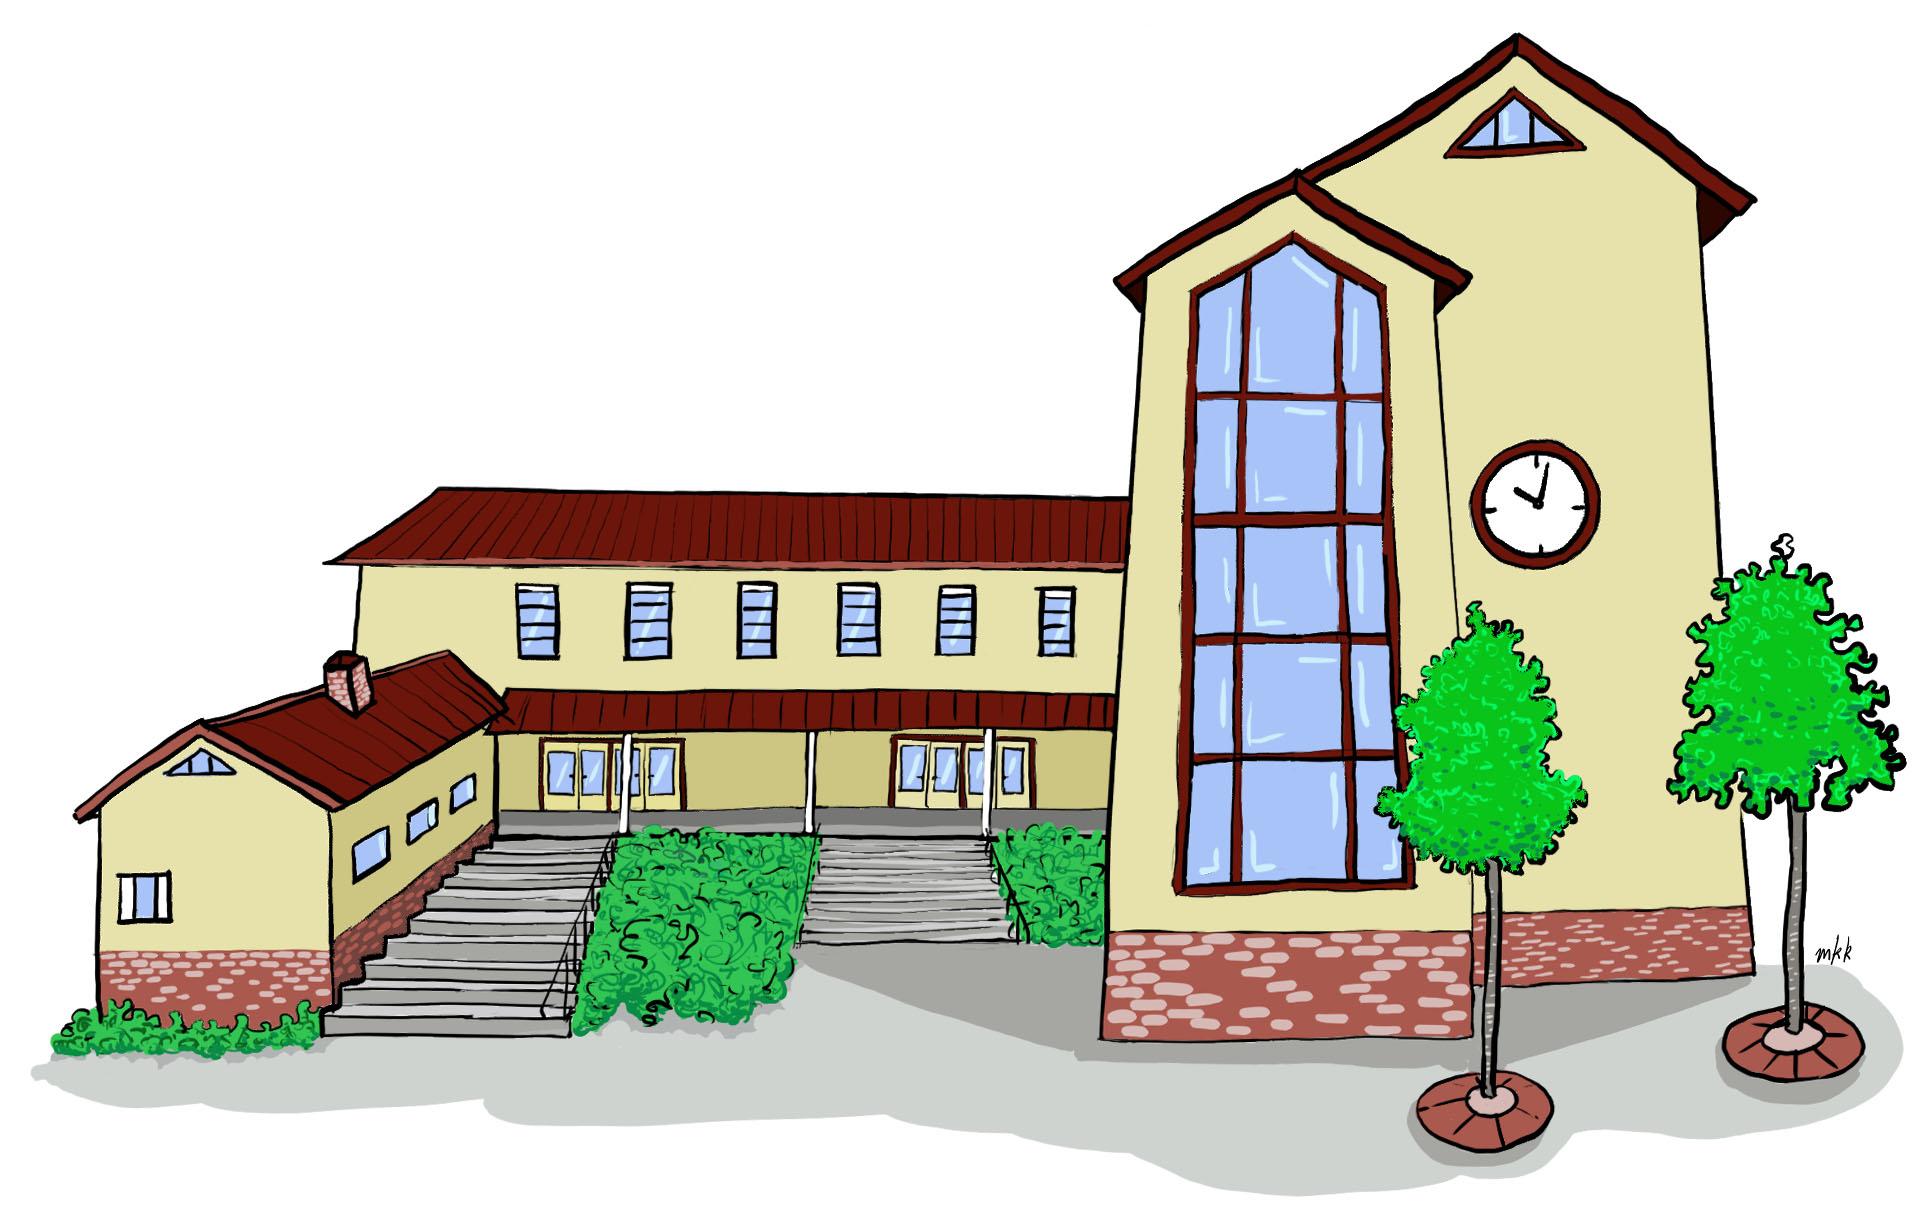 Tasaseks-seksuaalikasvatusmallin kuvituksena koulurakennus